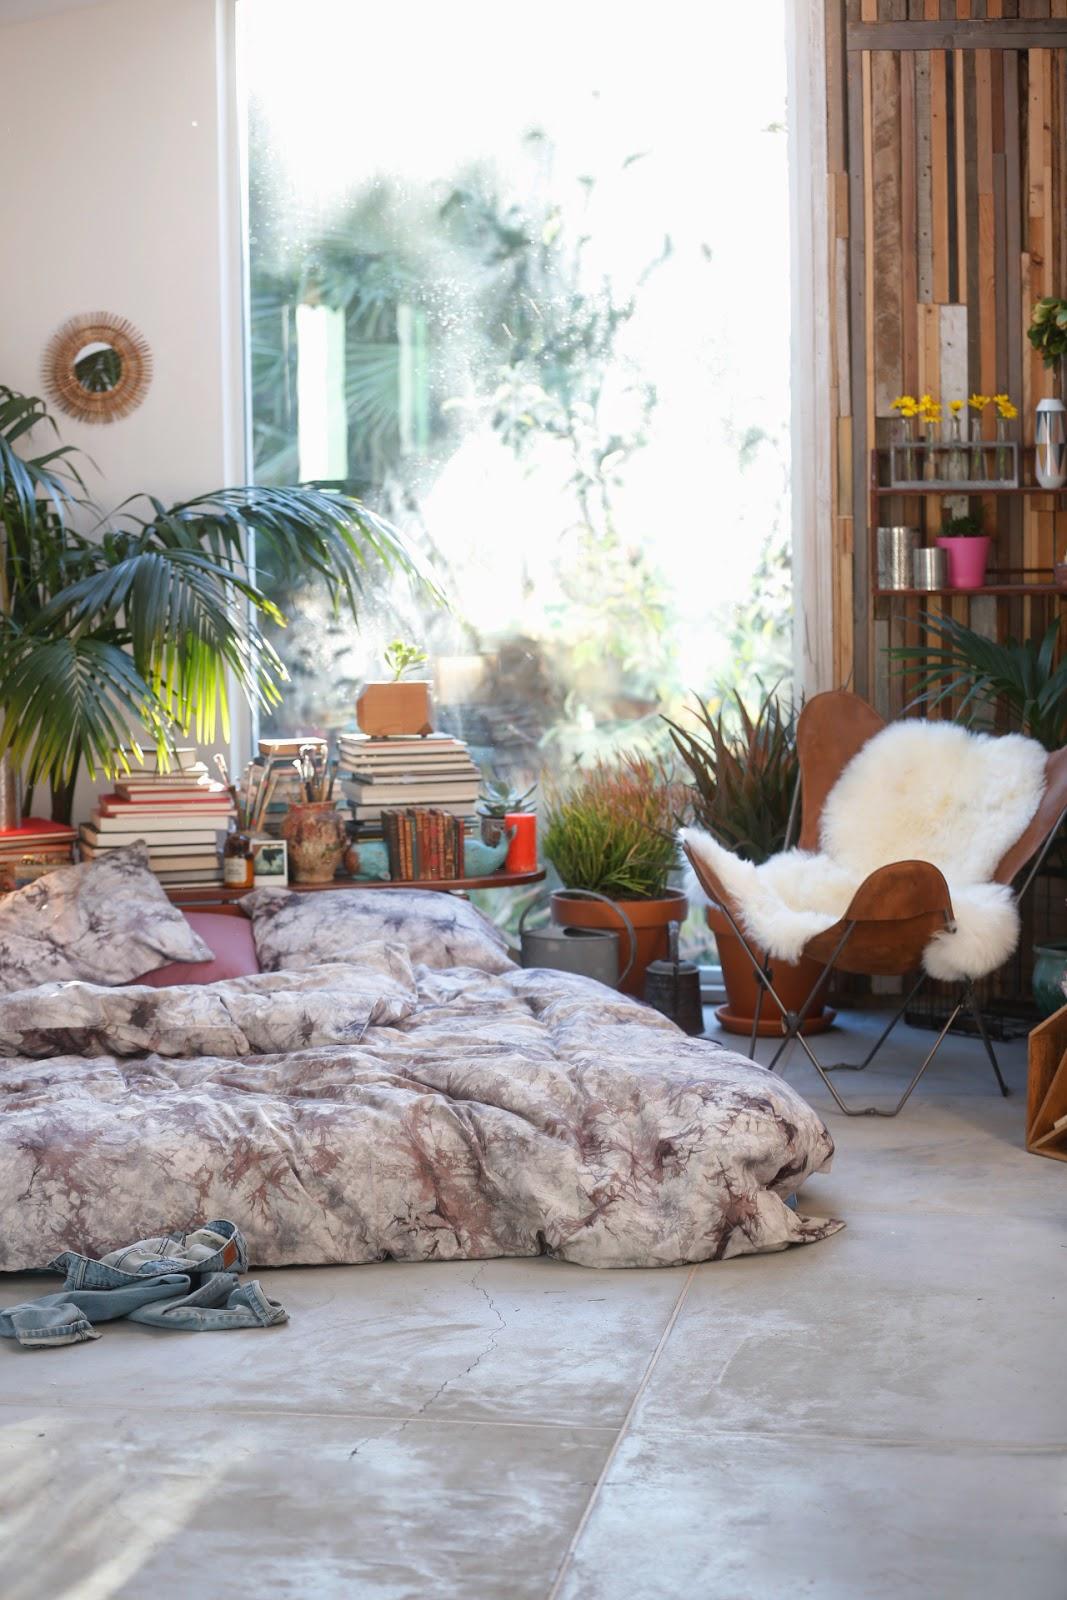 Sypialnia, styl skandynawski, scandinavian style, bedroom, w bieli, white, romantic,